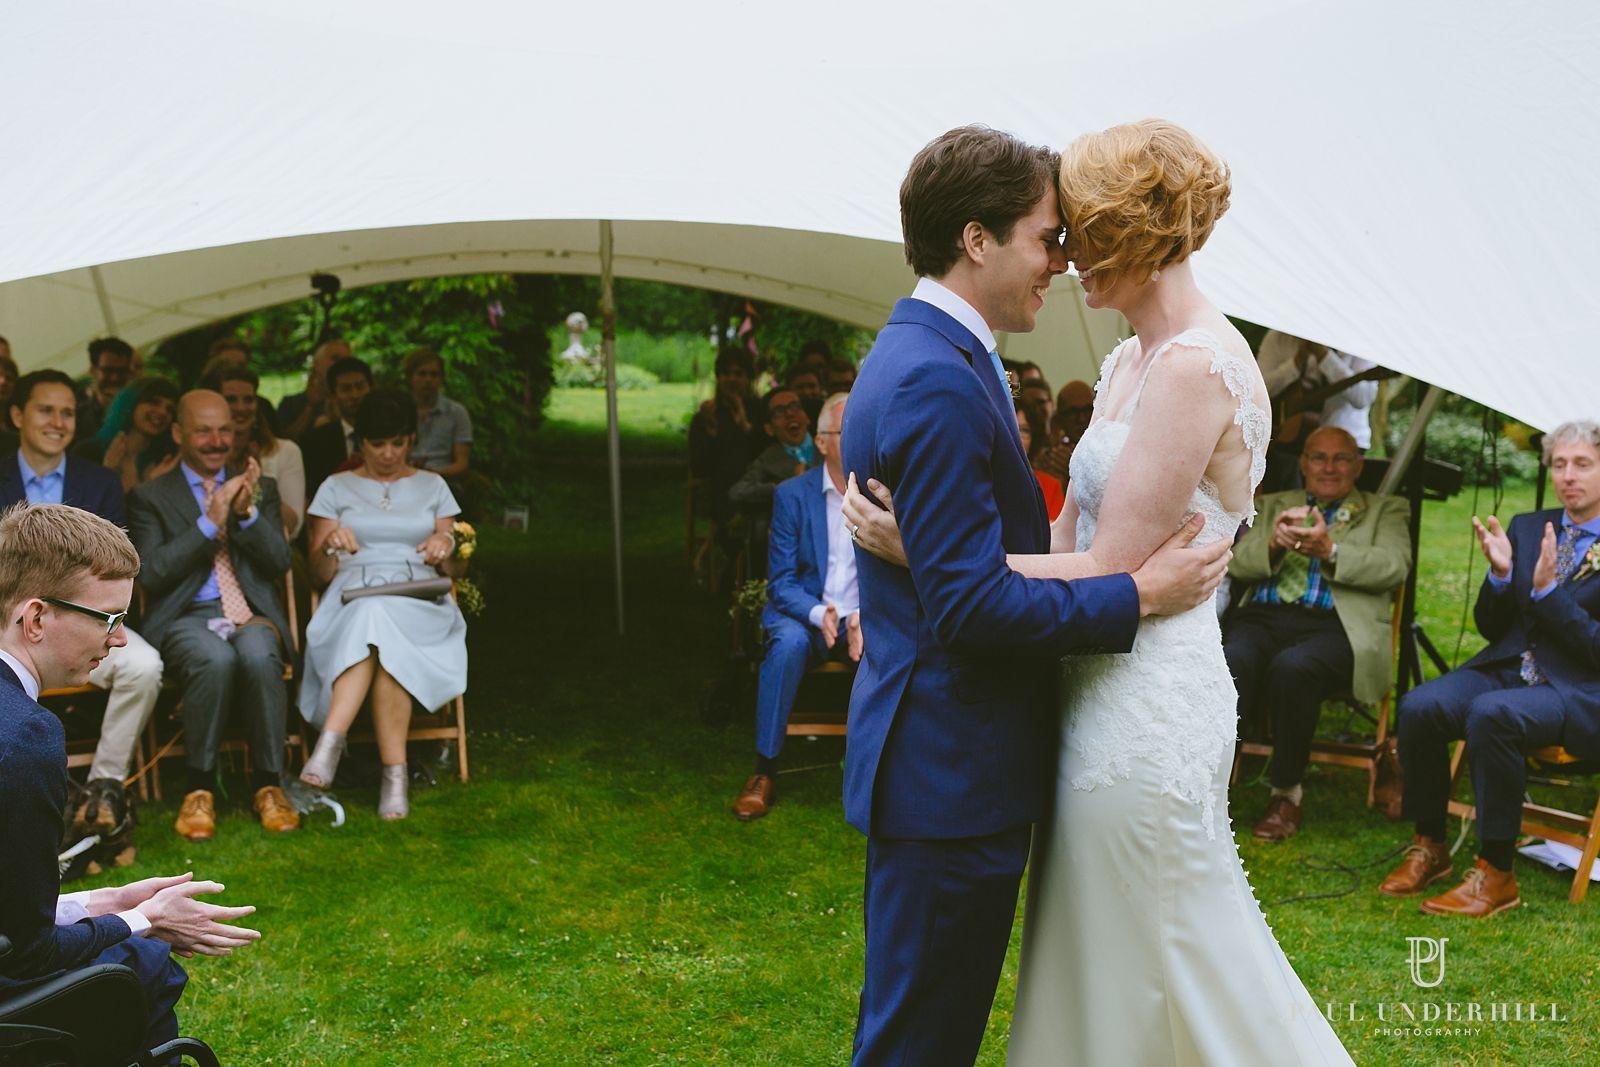 Intimate outdoor wedding in Dorset